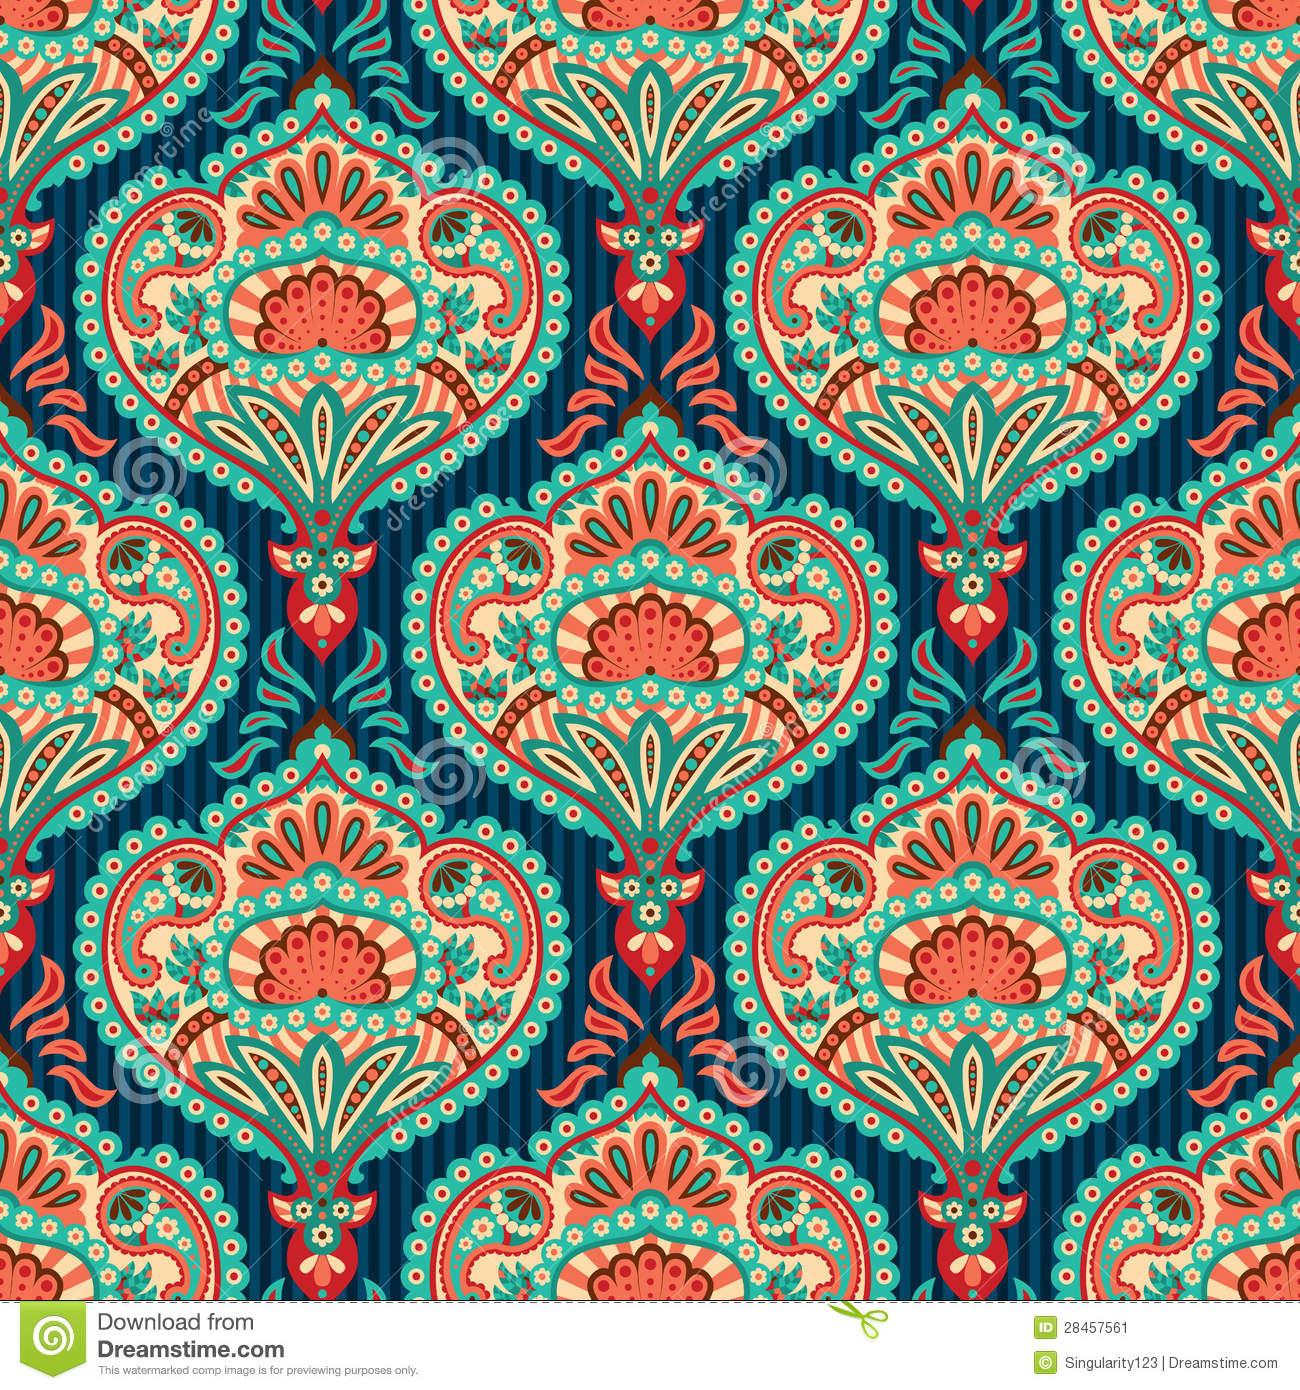 Indie Wallpaper - WallpaperSafari